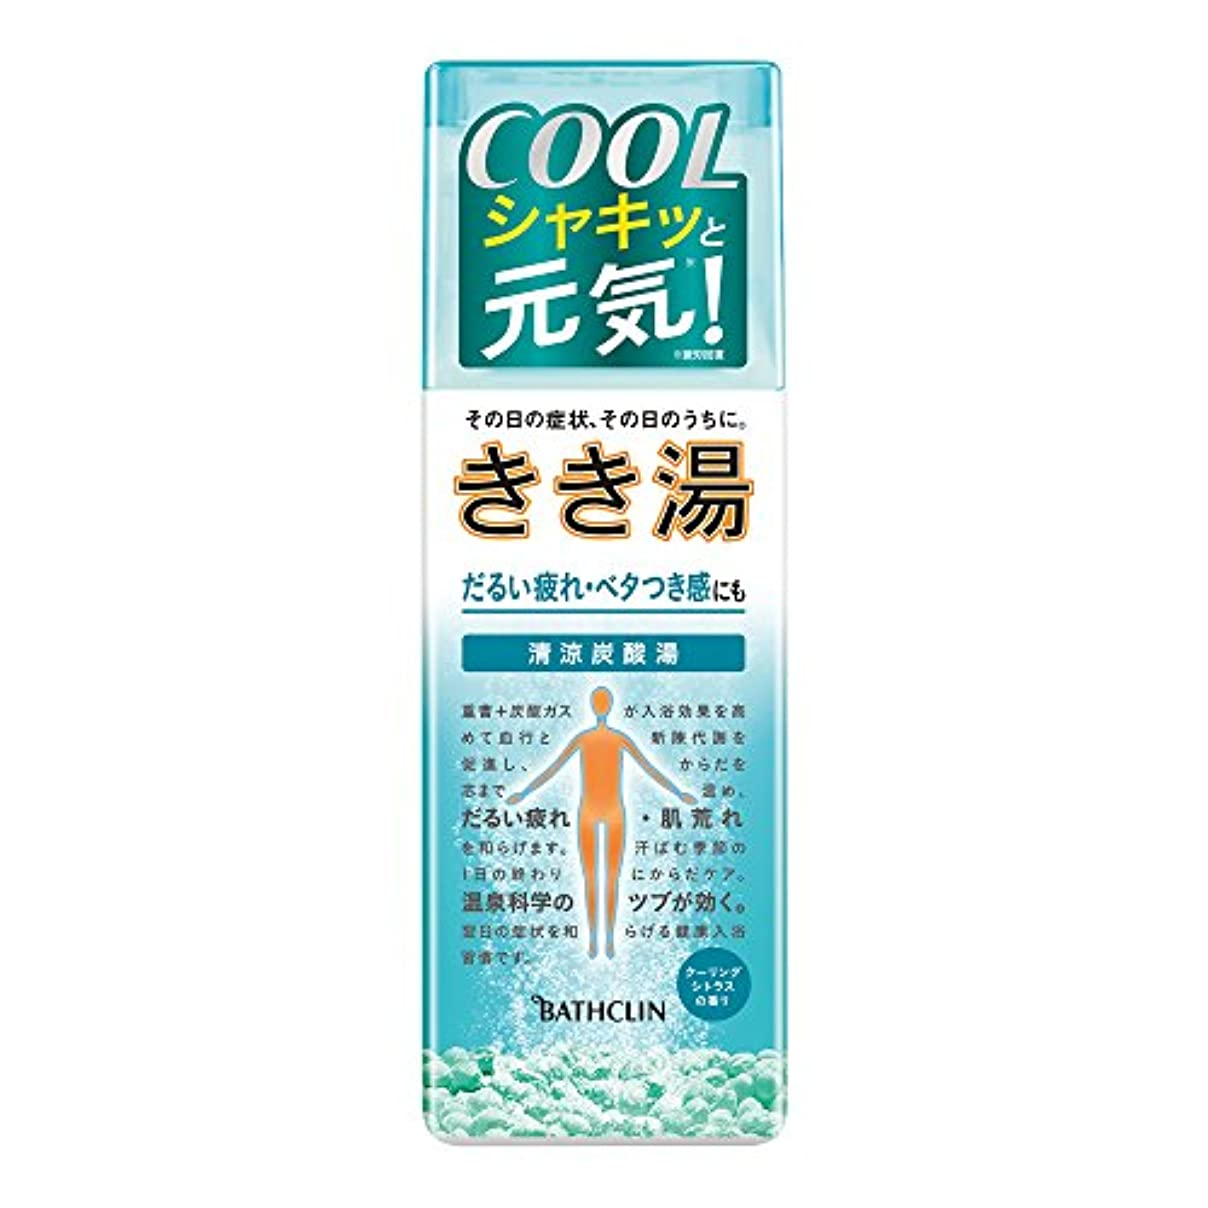 洞察力のある方法流す【医薬部外品】きき湯清涼炭酸湯クーリングシトラスの香り360gスカイブルーの湯透明タイプ入浴剤